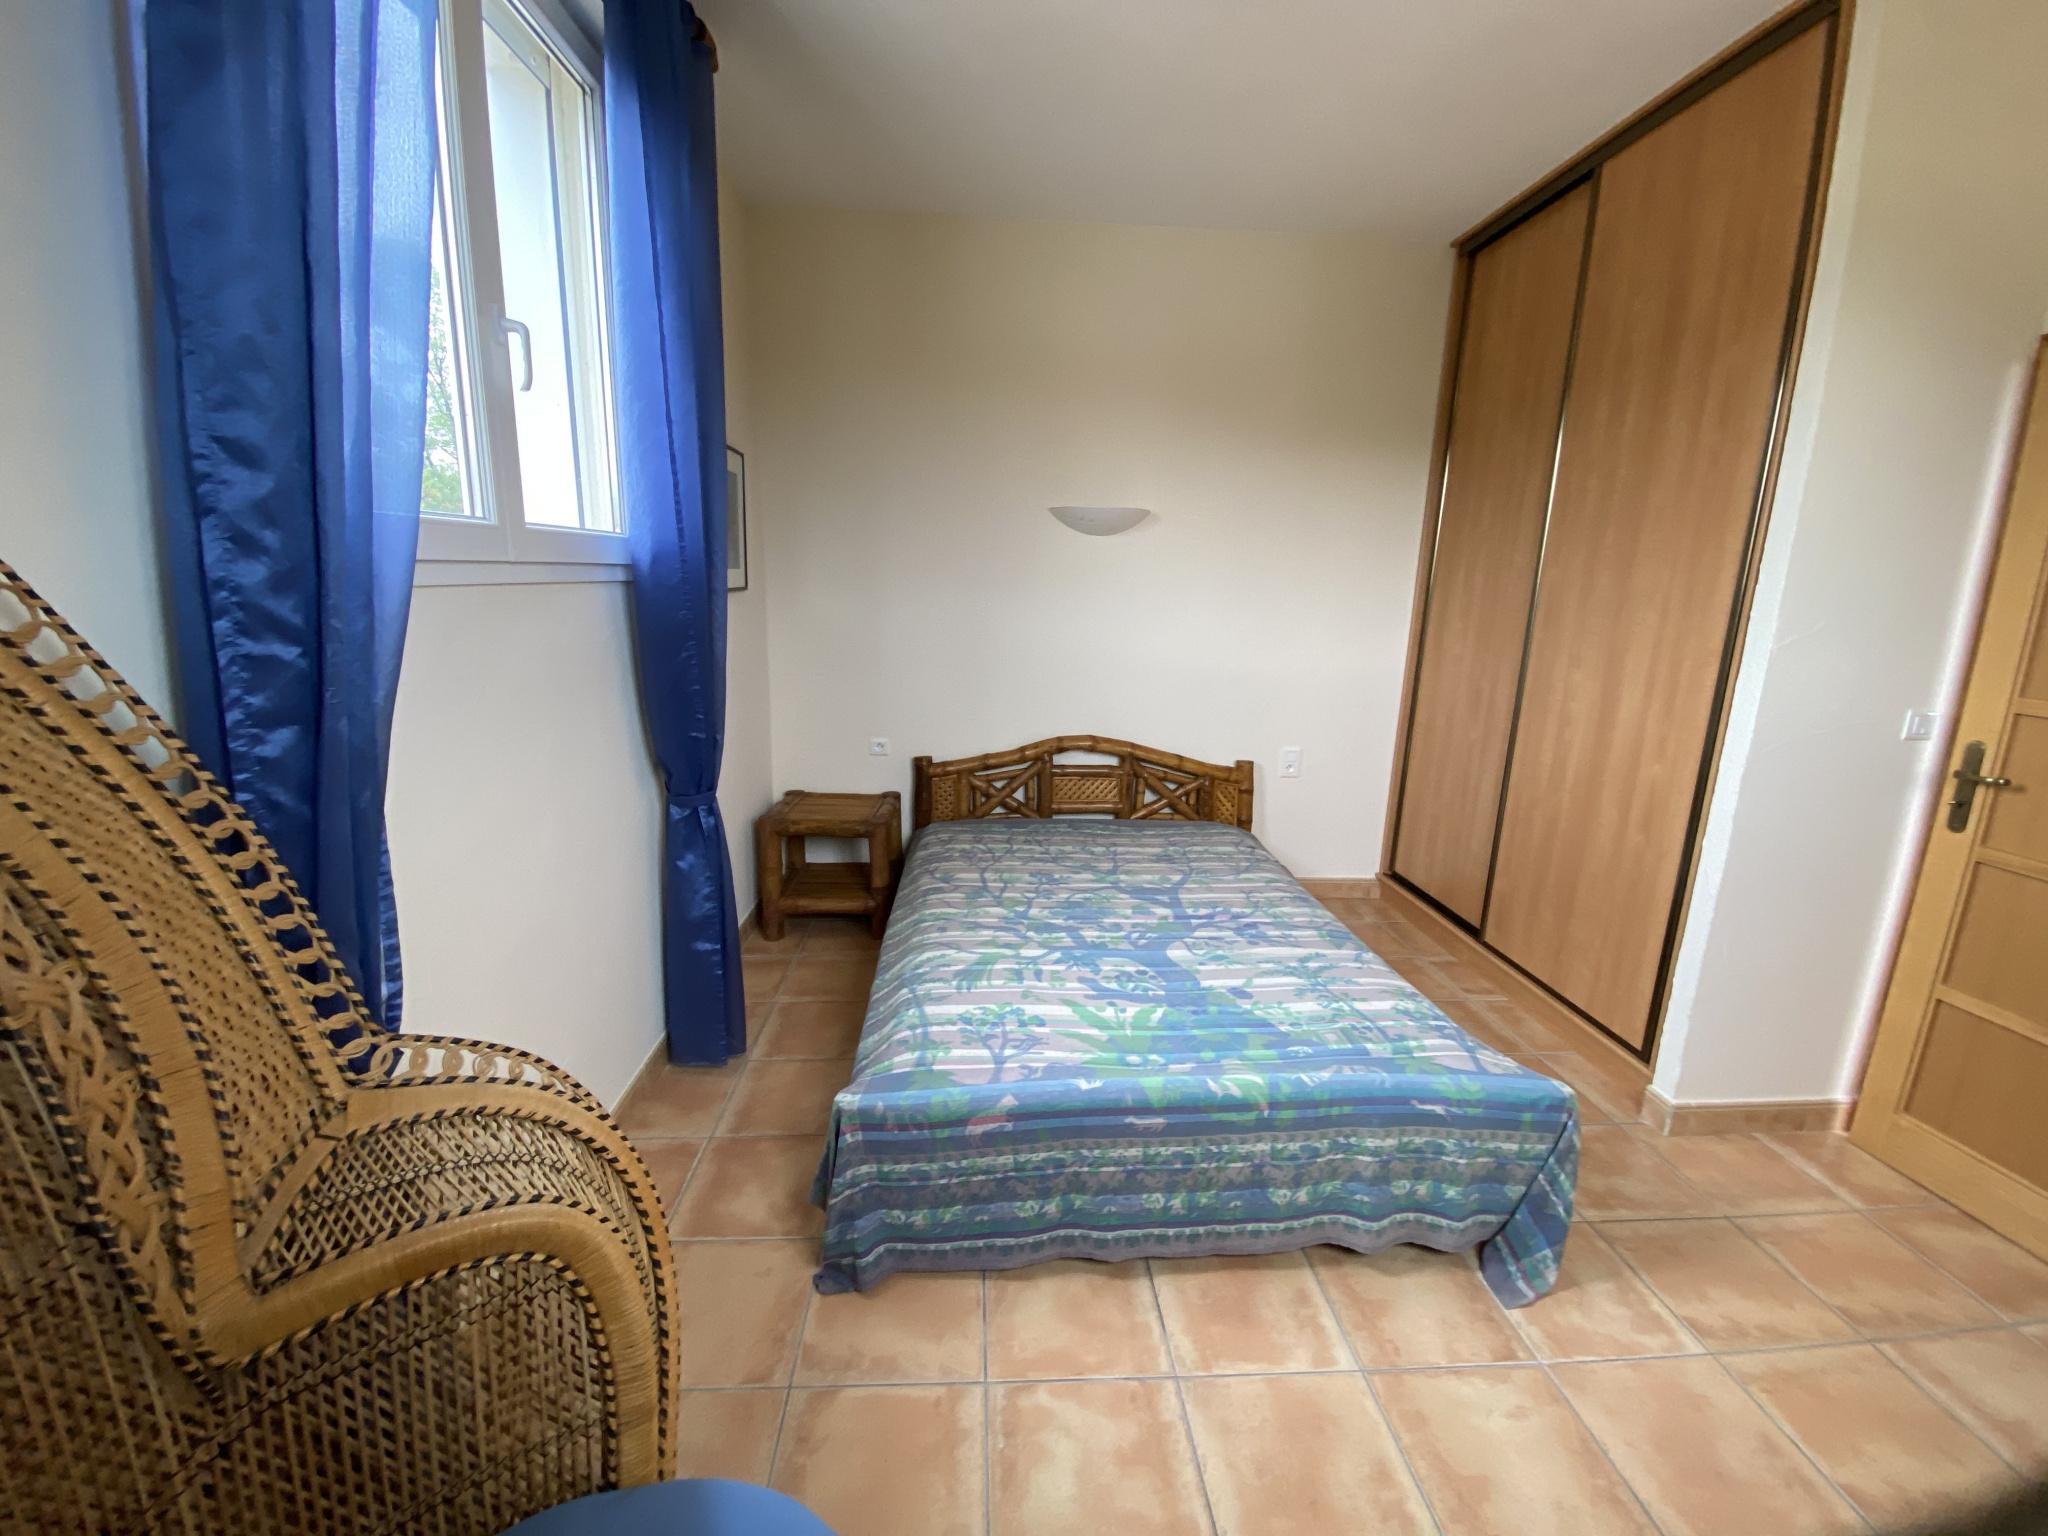 À vendre maison/villa de 124m2 à argeles sur mer (66700) - Photo 17'